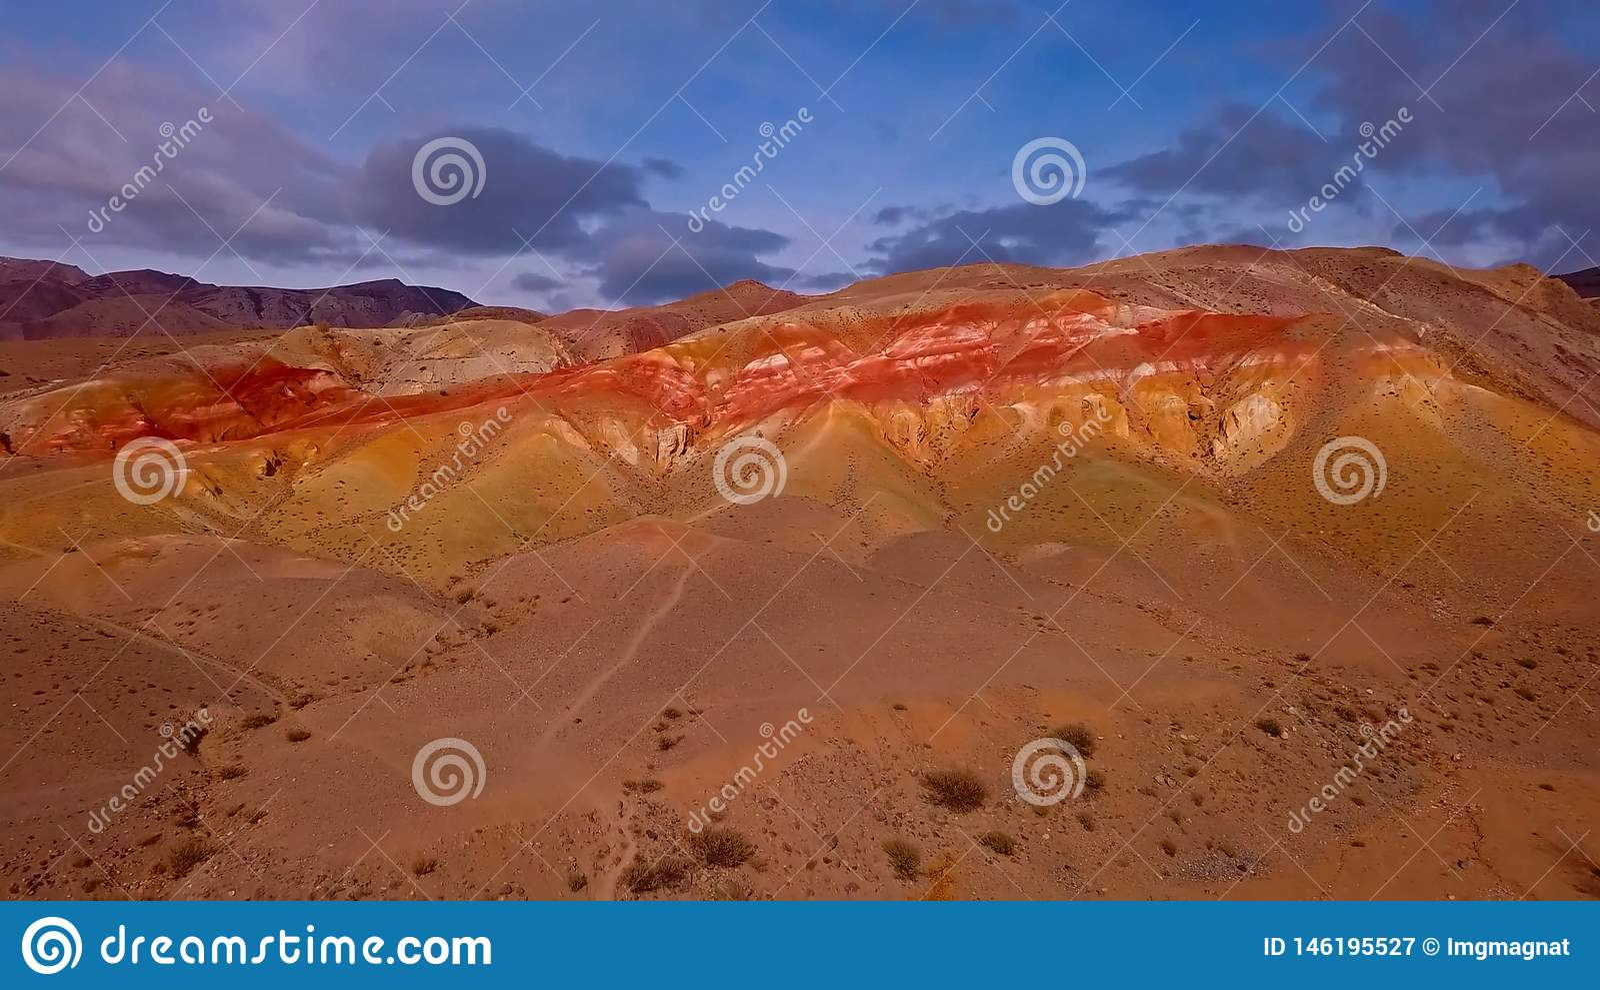 Desert in Mountain